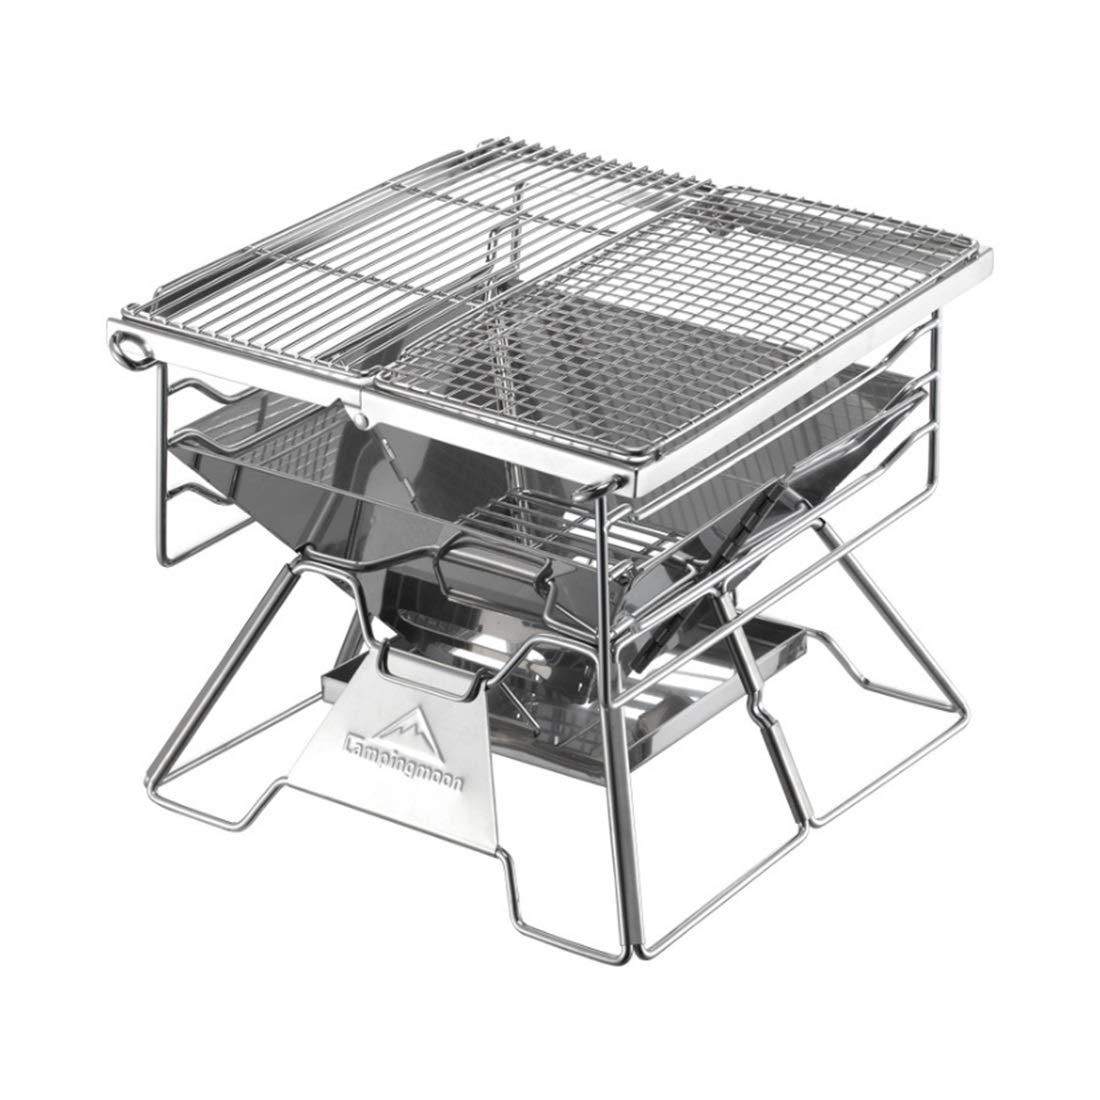 WEATLY Edelstahl-Grill-im Freien beweglicher zusammenklappbarer Grill-Haushalts-Holzkohle-Grill